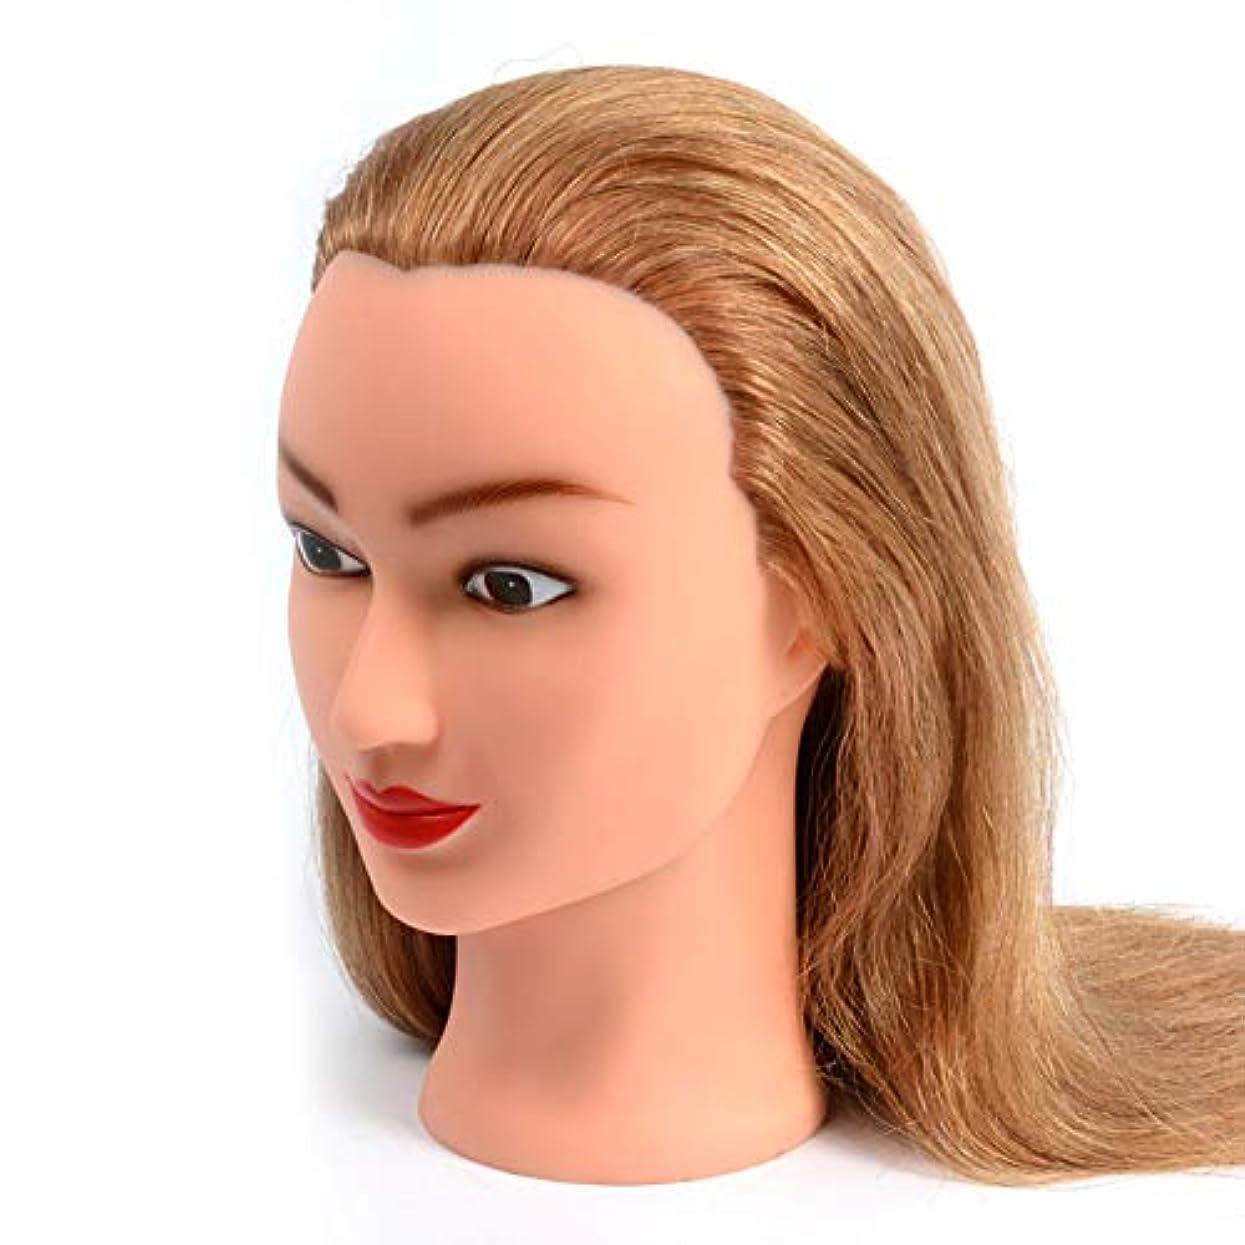 スナップ二年生寸前ブライダルメイクスタイリング練習モデル美容院散髪学習ダミーヘッドは染色することができますし、漂白ティーチングヘッド